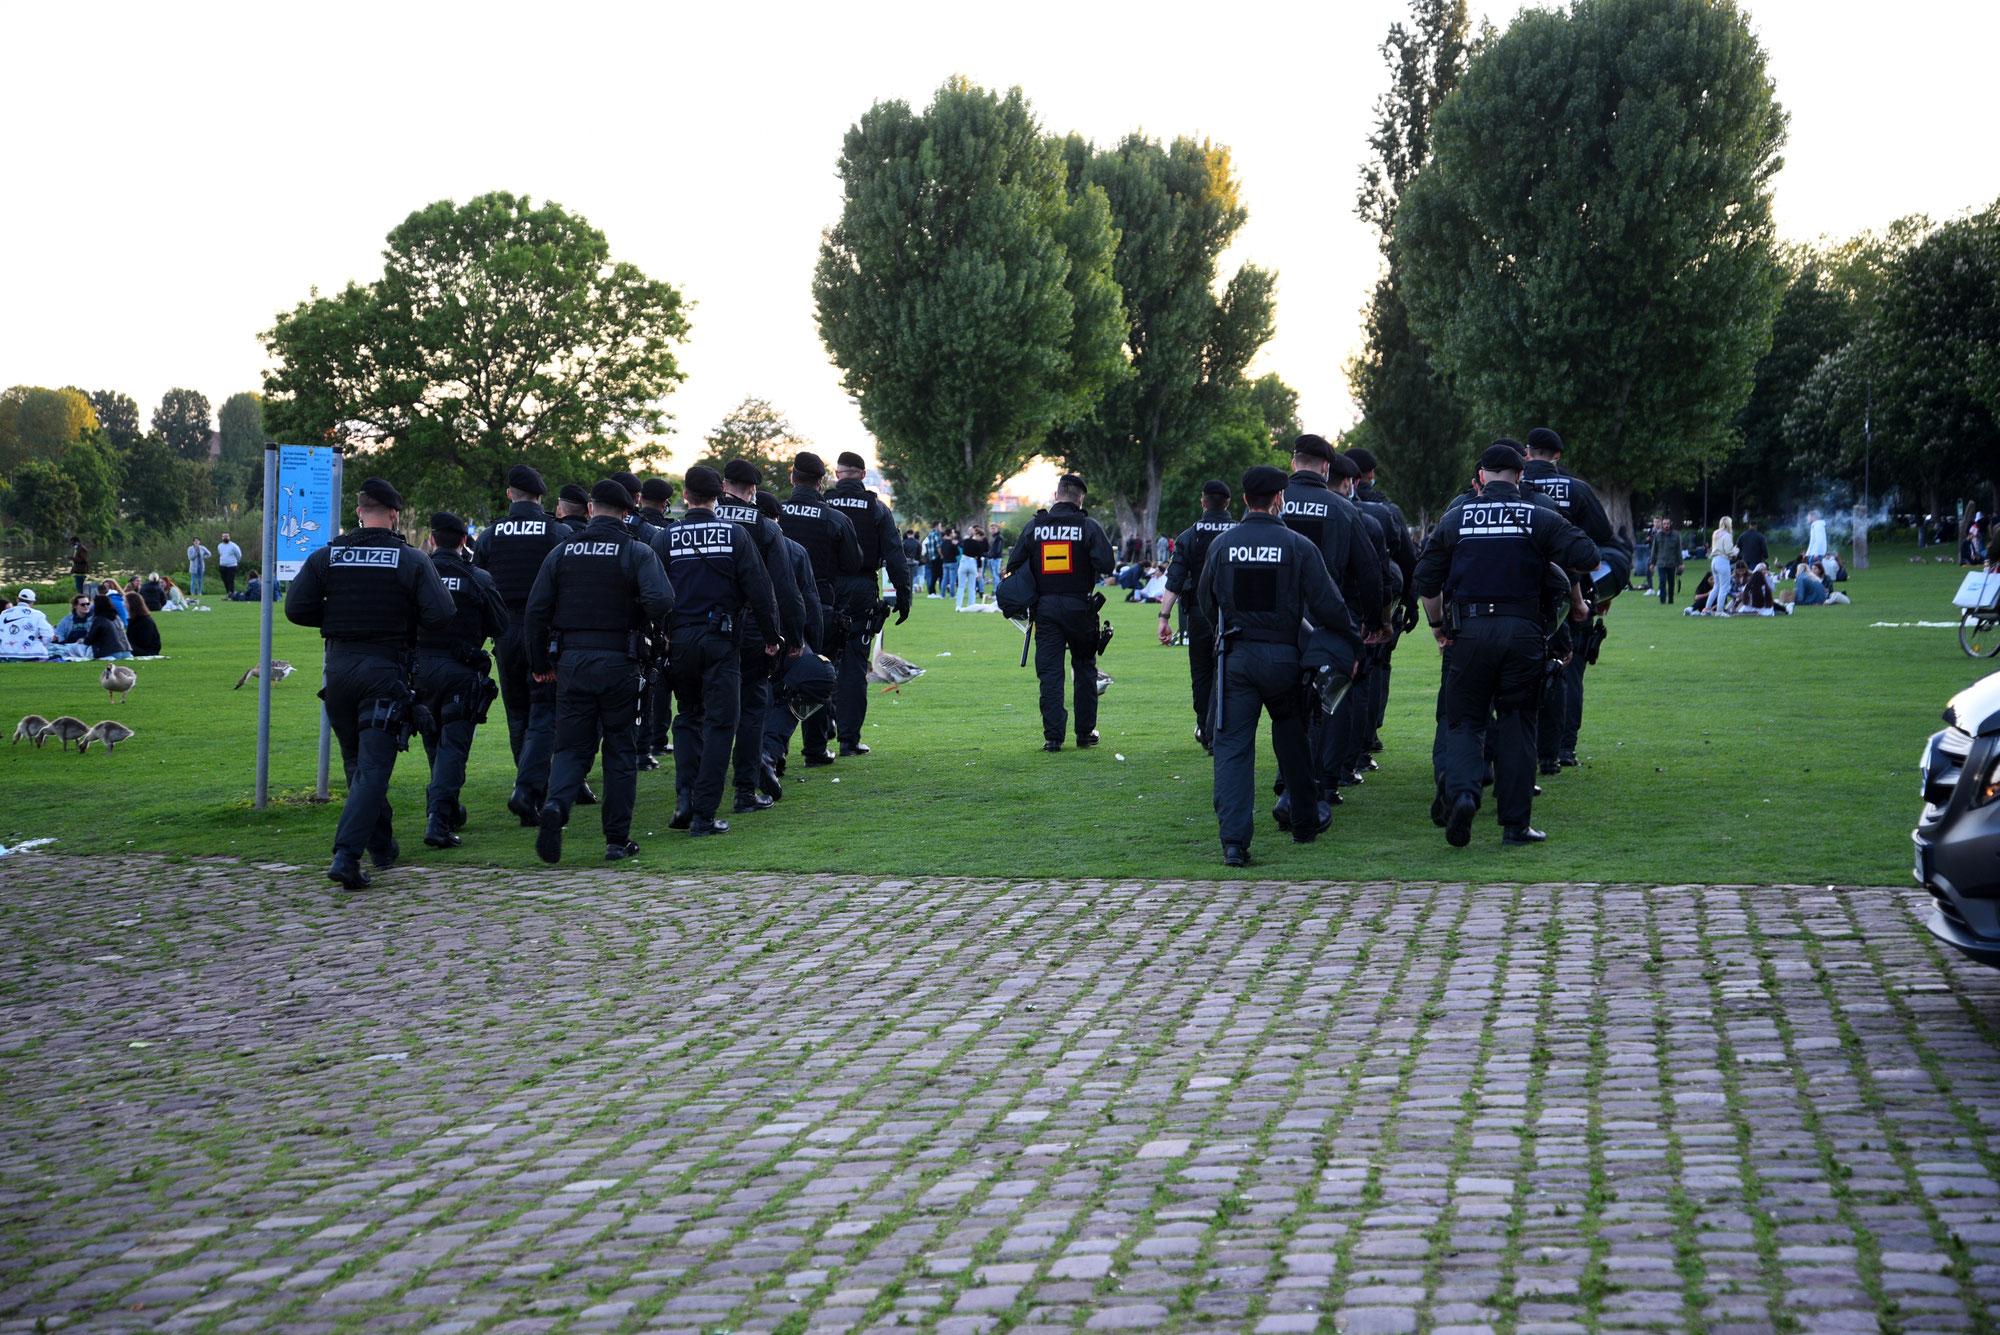 Neckarwiese: Durchsetzung des Aufenthaltsverbots wenn es Situation erfordert